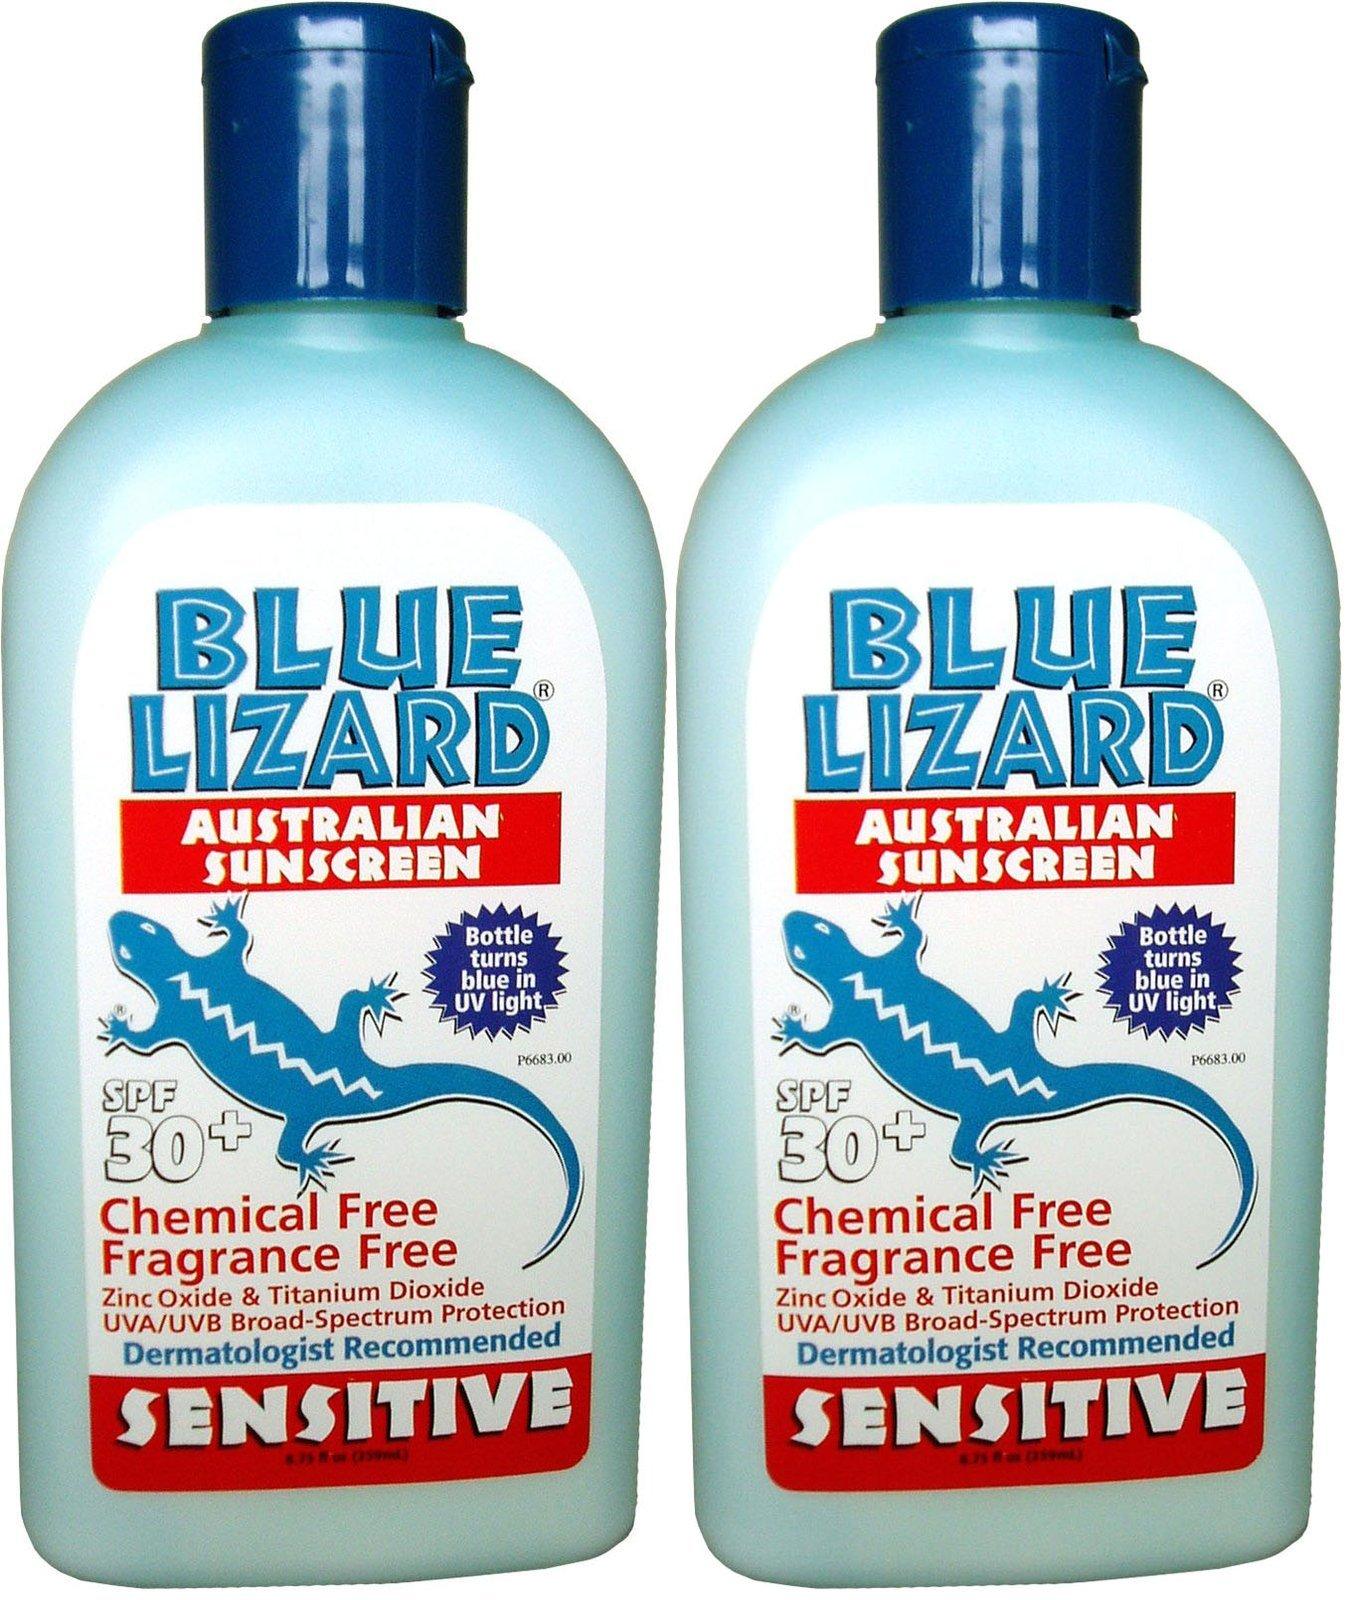 Blue Lizard Sensitive Sunscreen SPF 30+-8.75 oz, 2 pack by Blue Lizard